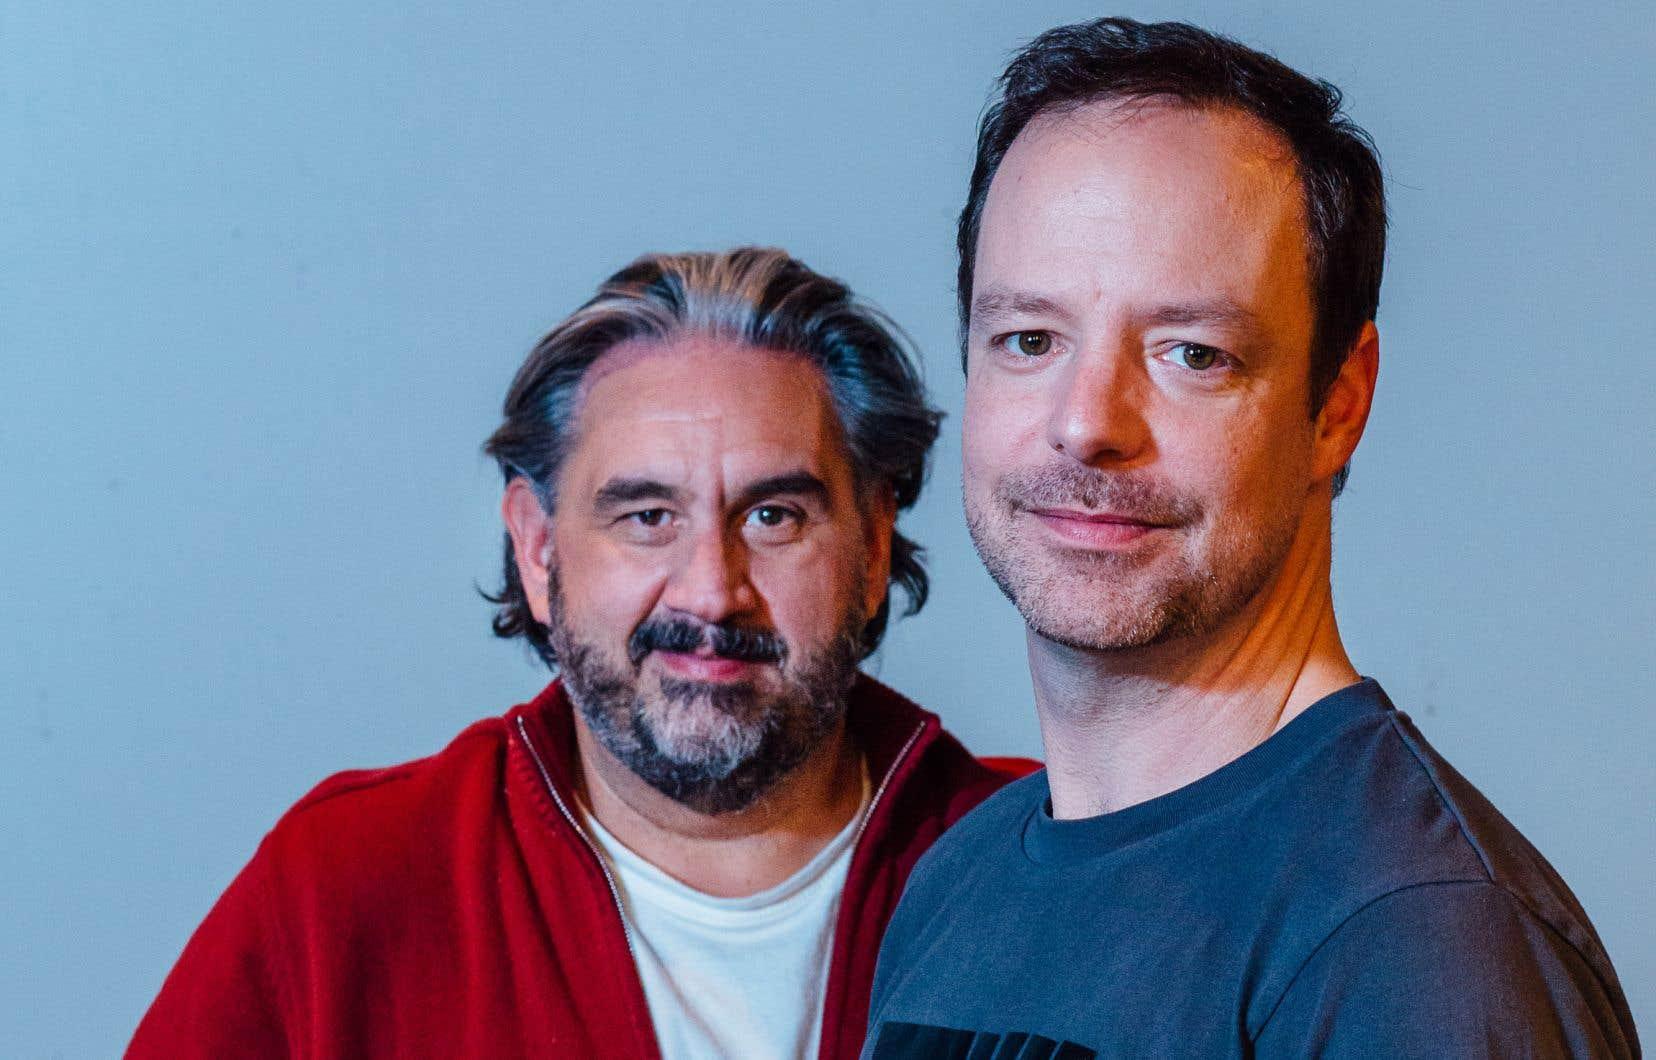 La pièce se passe en 1941. Sur scène se croisent le vieux et le jeune Nelligan, interprétés par Marc Hervieux (à gauche) et Dominique Côté, qui ont l'occasion de reprendre ensemble des rôles créés en 2010 avec l'Atelier lyrique de l'Opéra de Montréal.